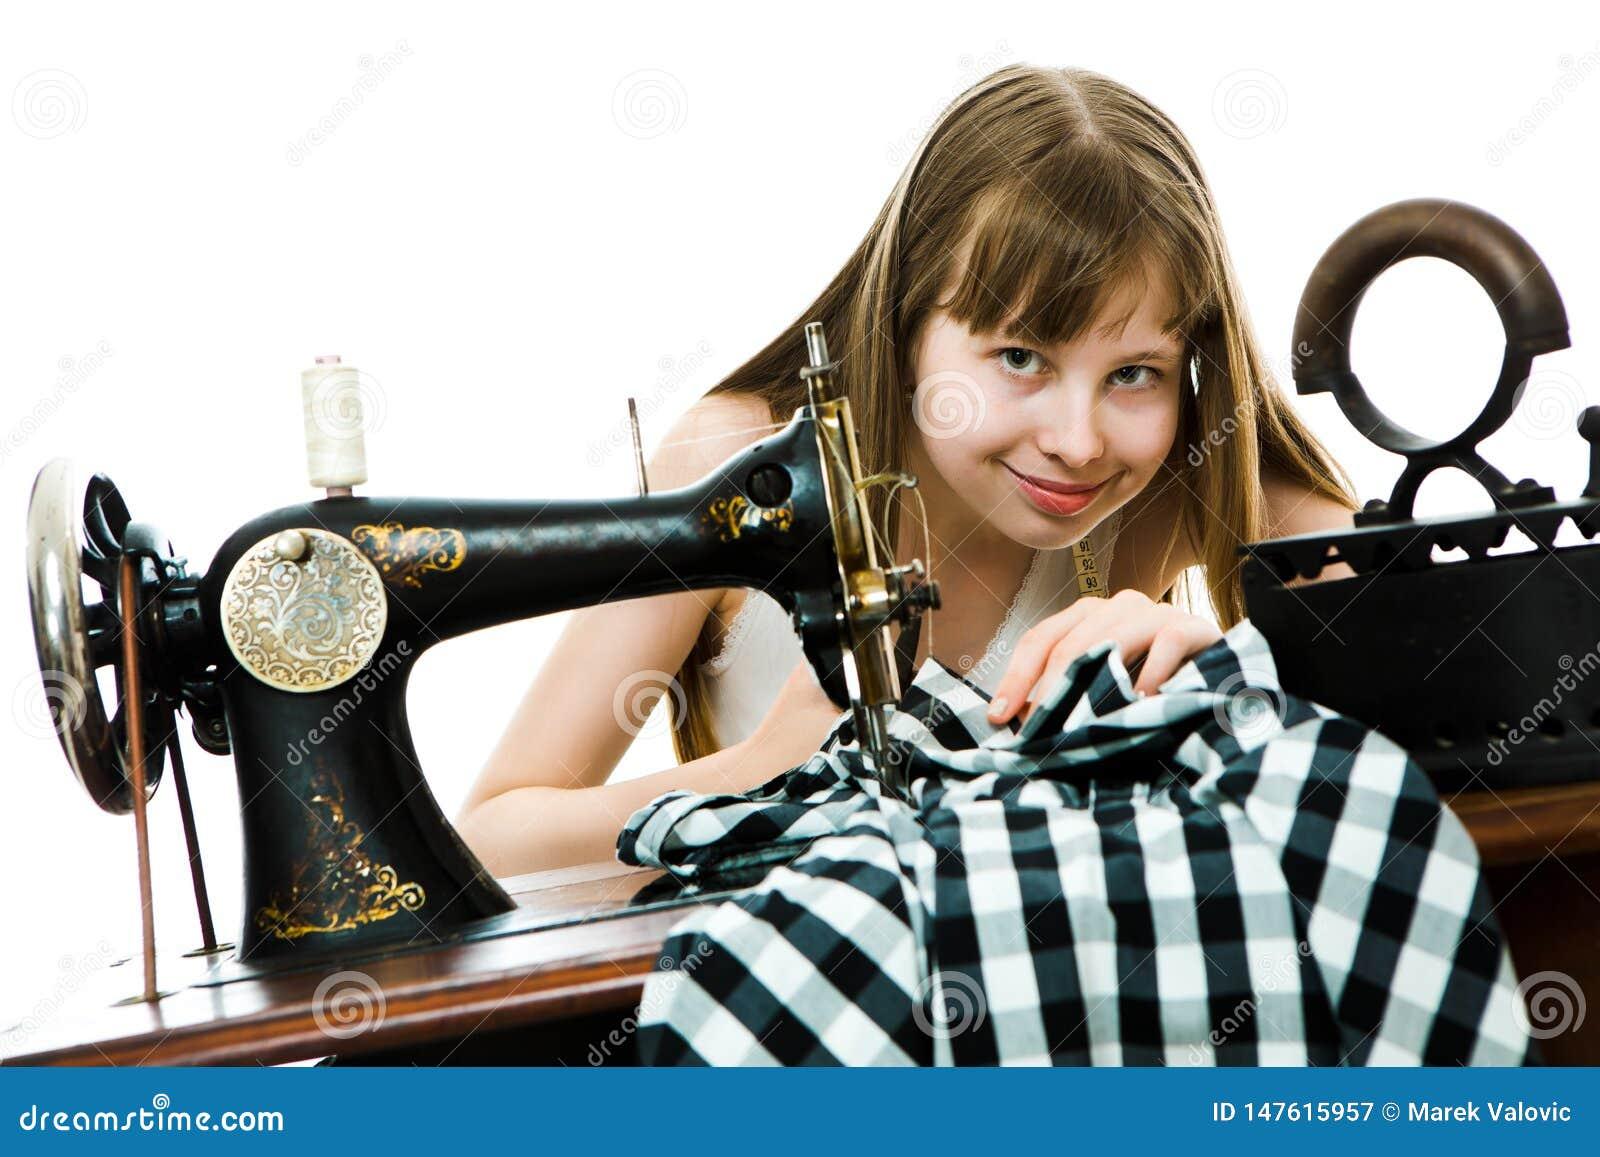 Teenaged Mädchen tailoress benutzen manuelle Sägemaschine, um ihr Kleid zu nähen